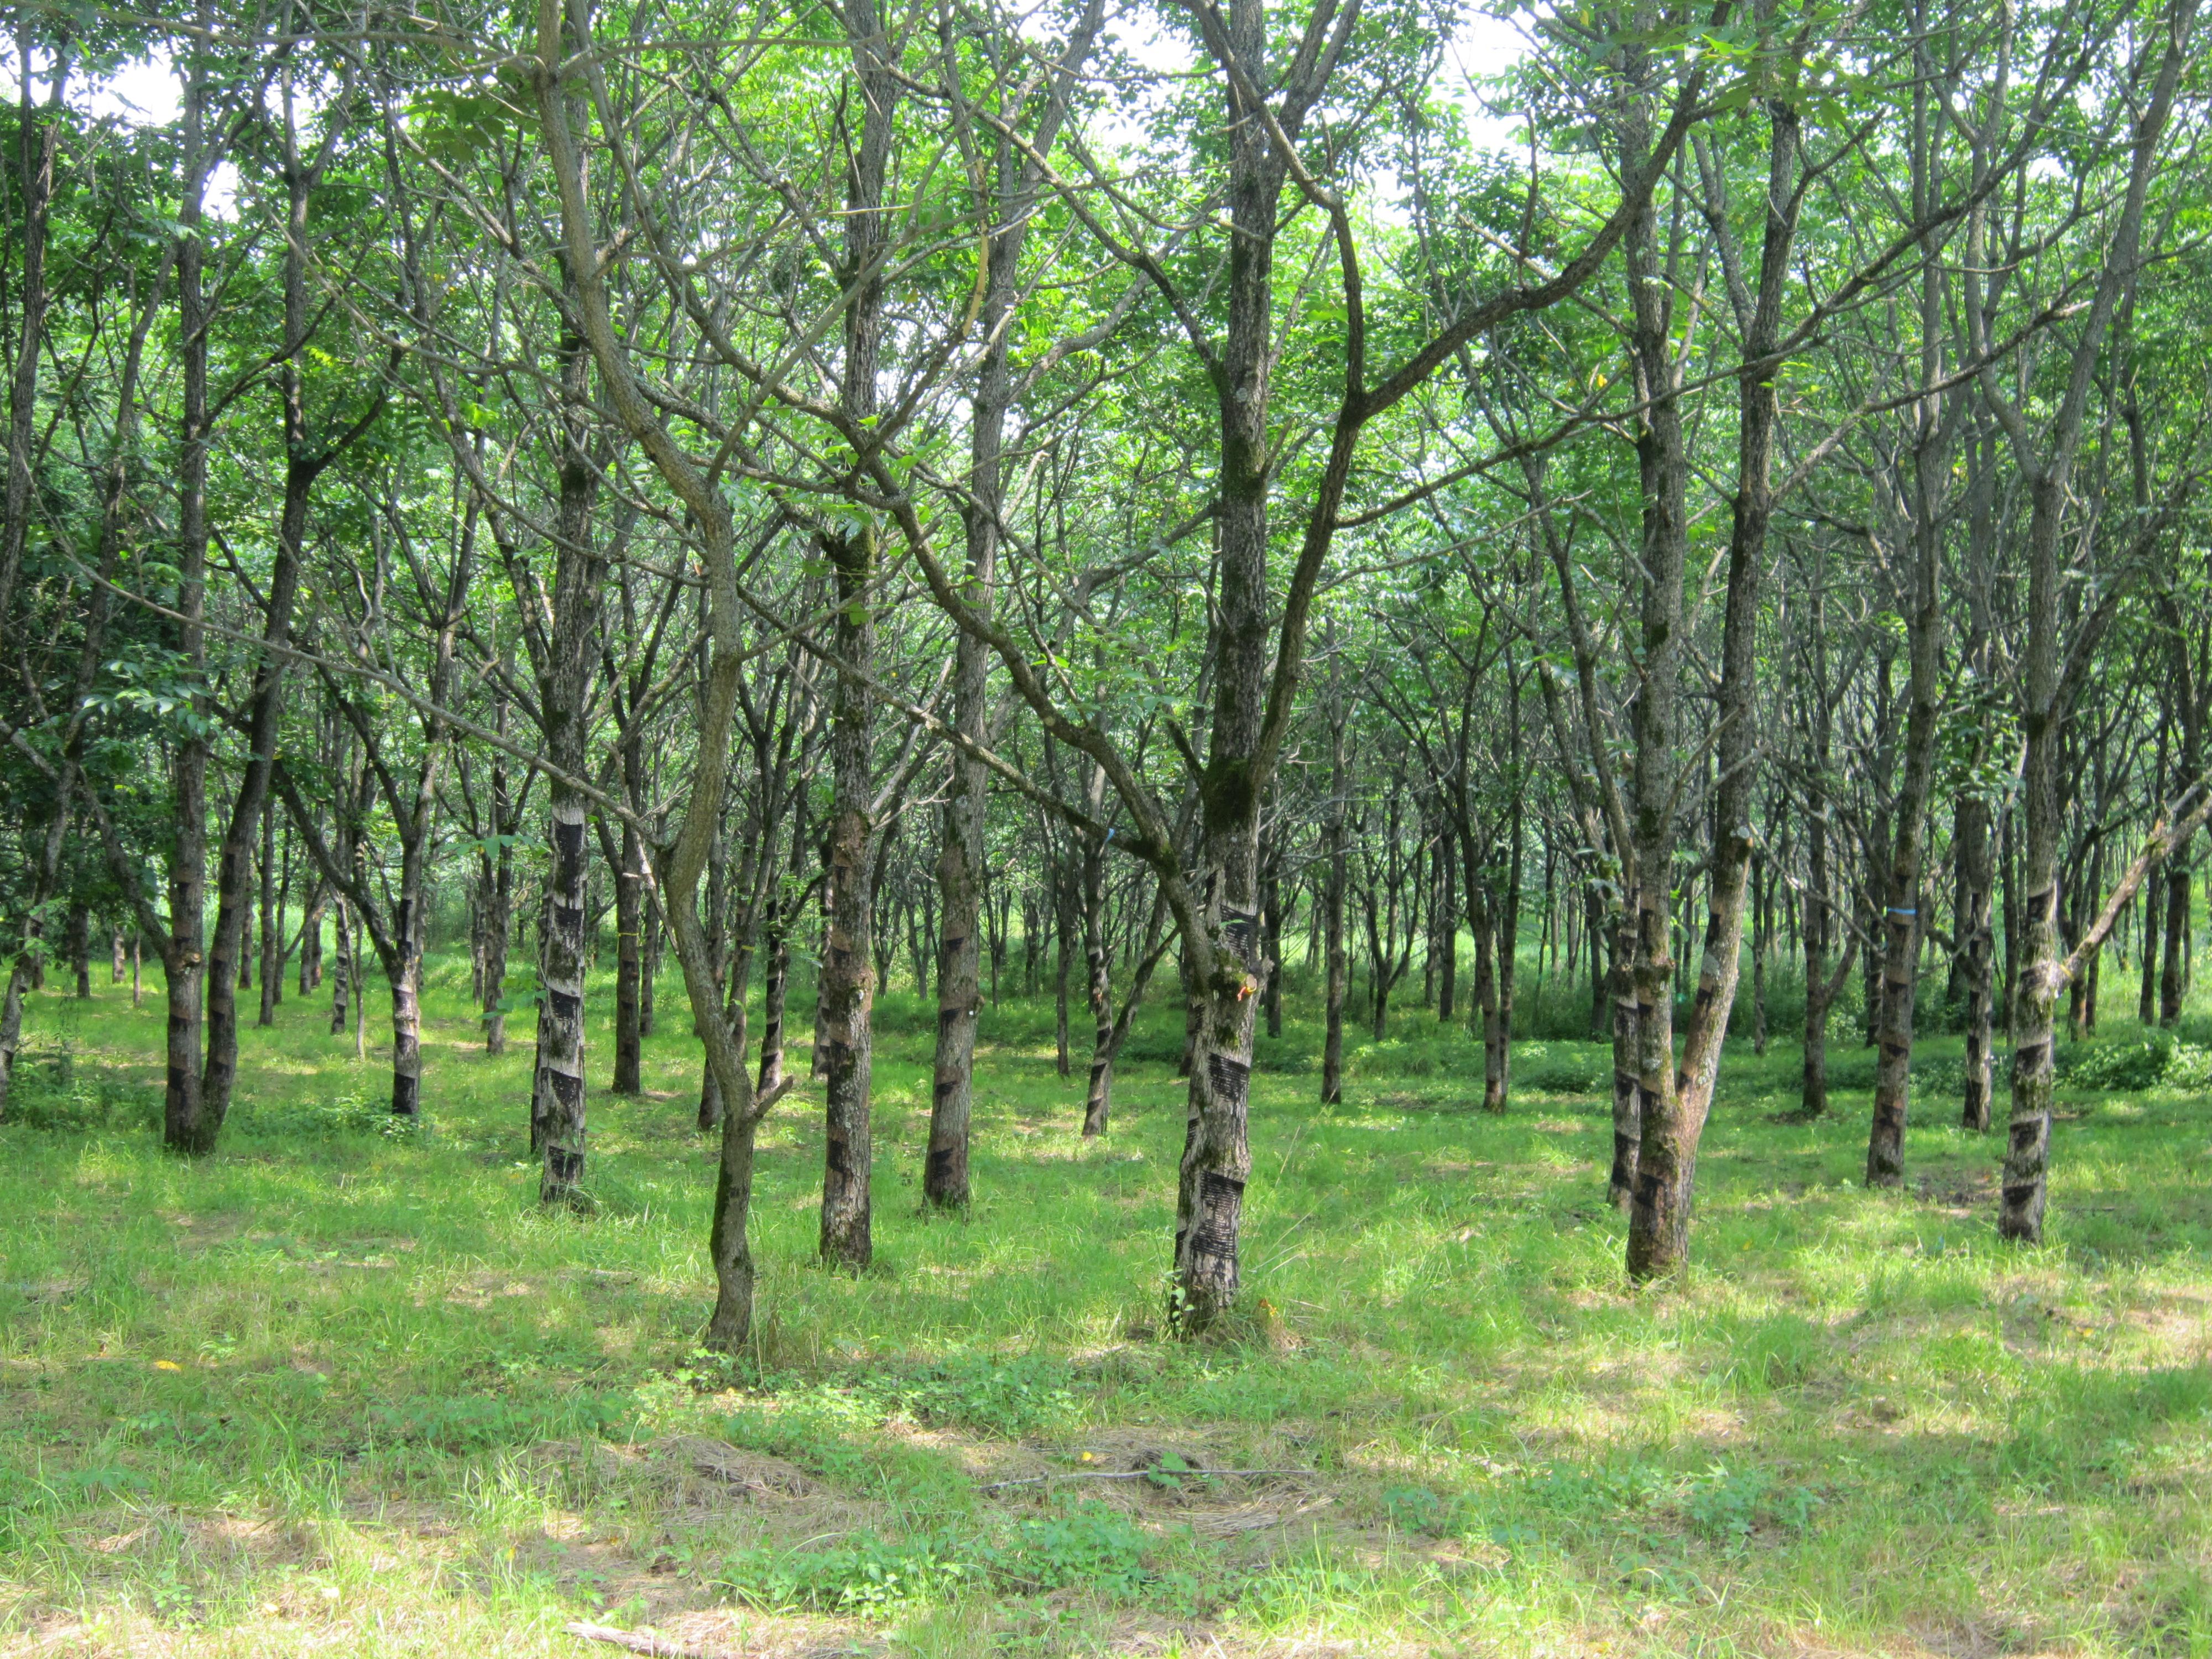 Urushi woods